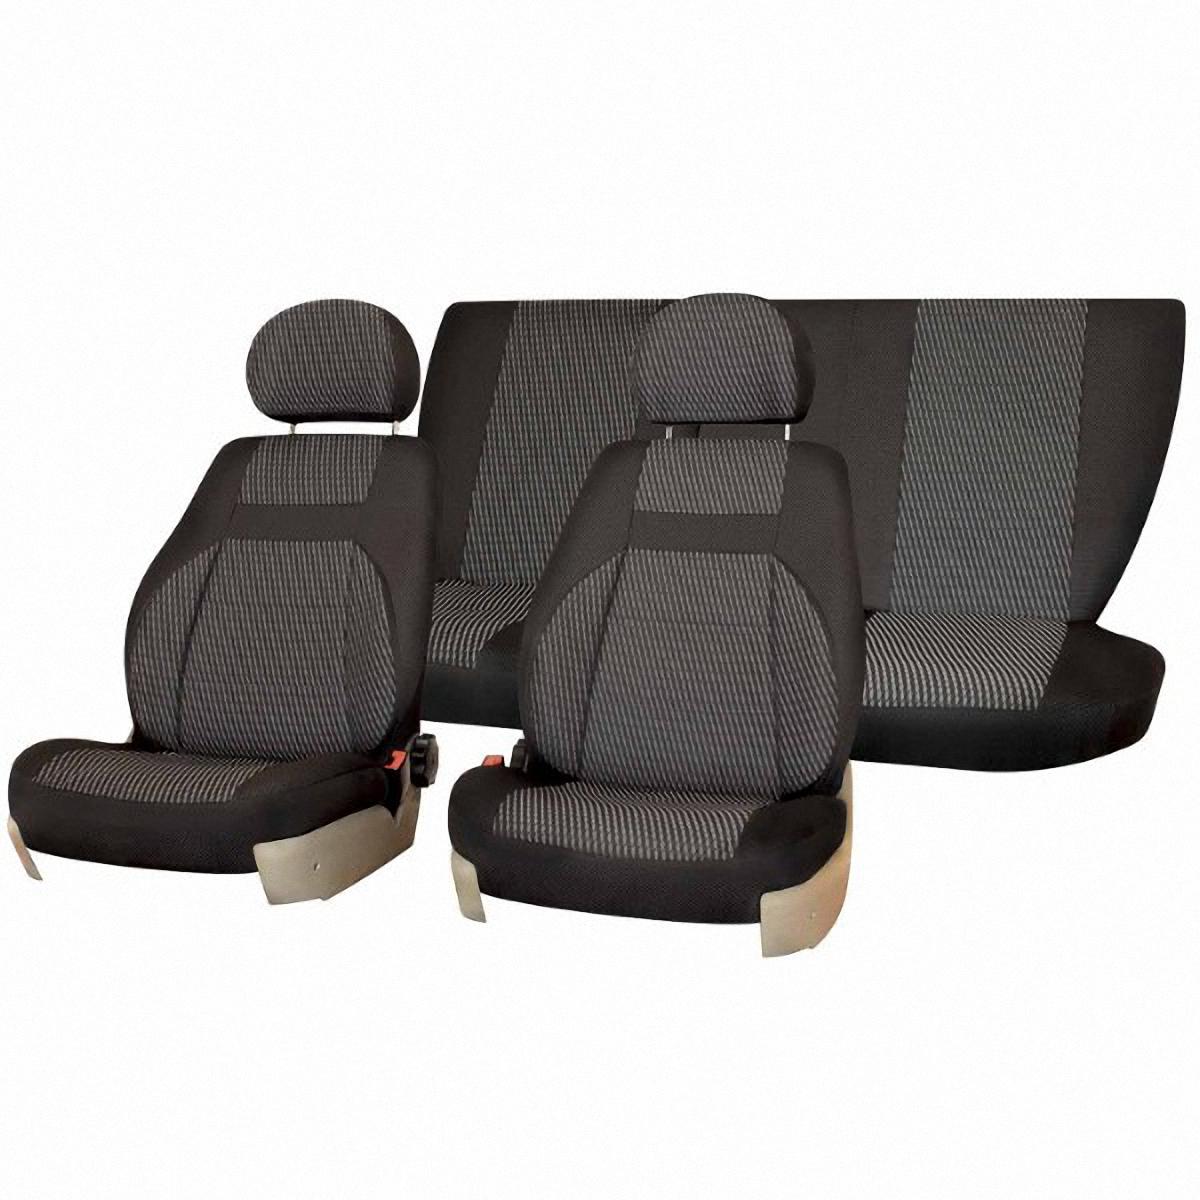 Чехлы автомобильные Skyway, для NIVA ВАЗ-2121 2006-CA-3505Автомобильные чехлы Skyway изготовлены из качественного жаккарда. Чехлы идеально повторяют штатную форму сидений и выглядят как оригинальная обивка сидений. Разработаны индивидуально для каждой модели автомобиля. Авточехлы Skyway просты в уходе - загрязнения легко удаляются влажной тканью. Чехлы имеют раздельную схему надевания. В комплекте 8 предметов.